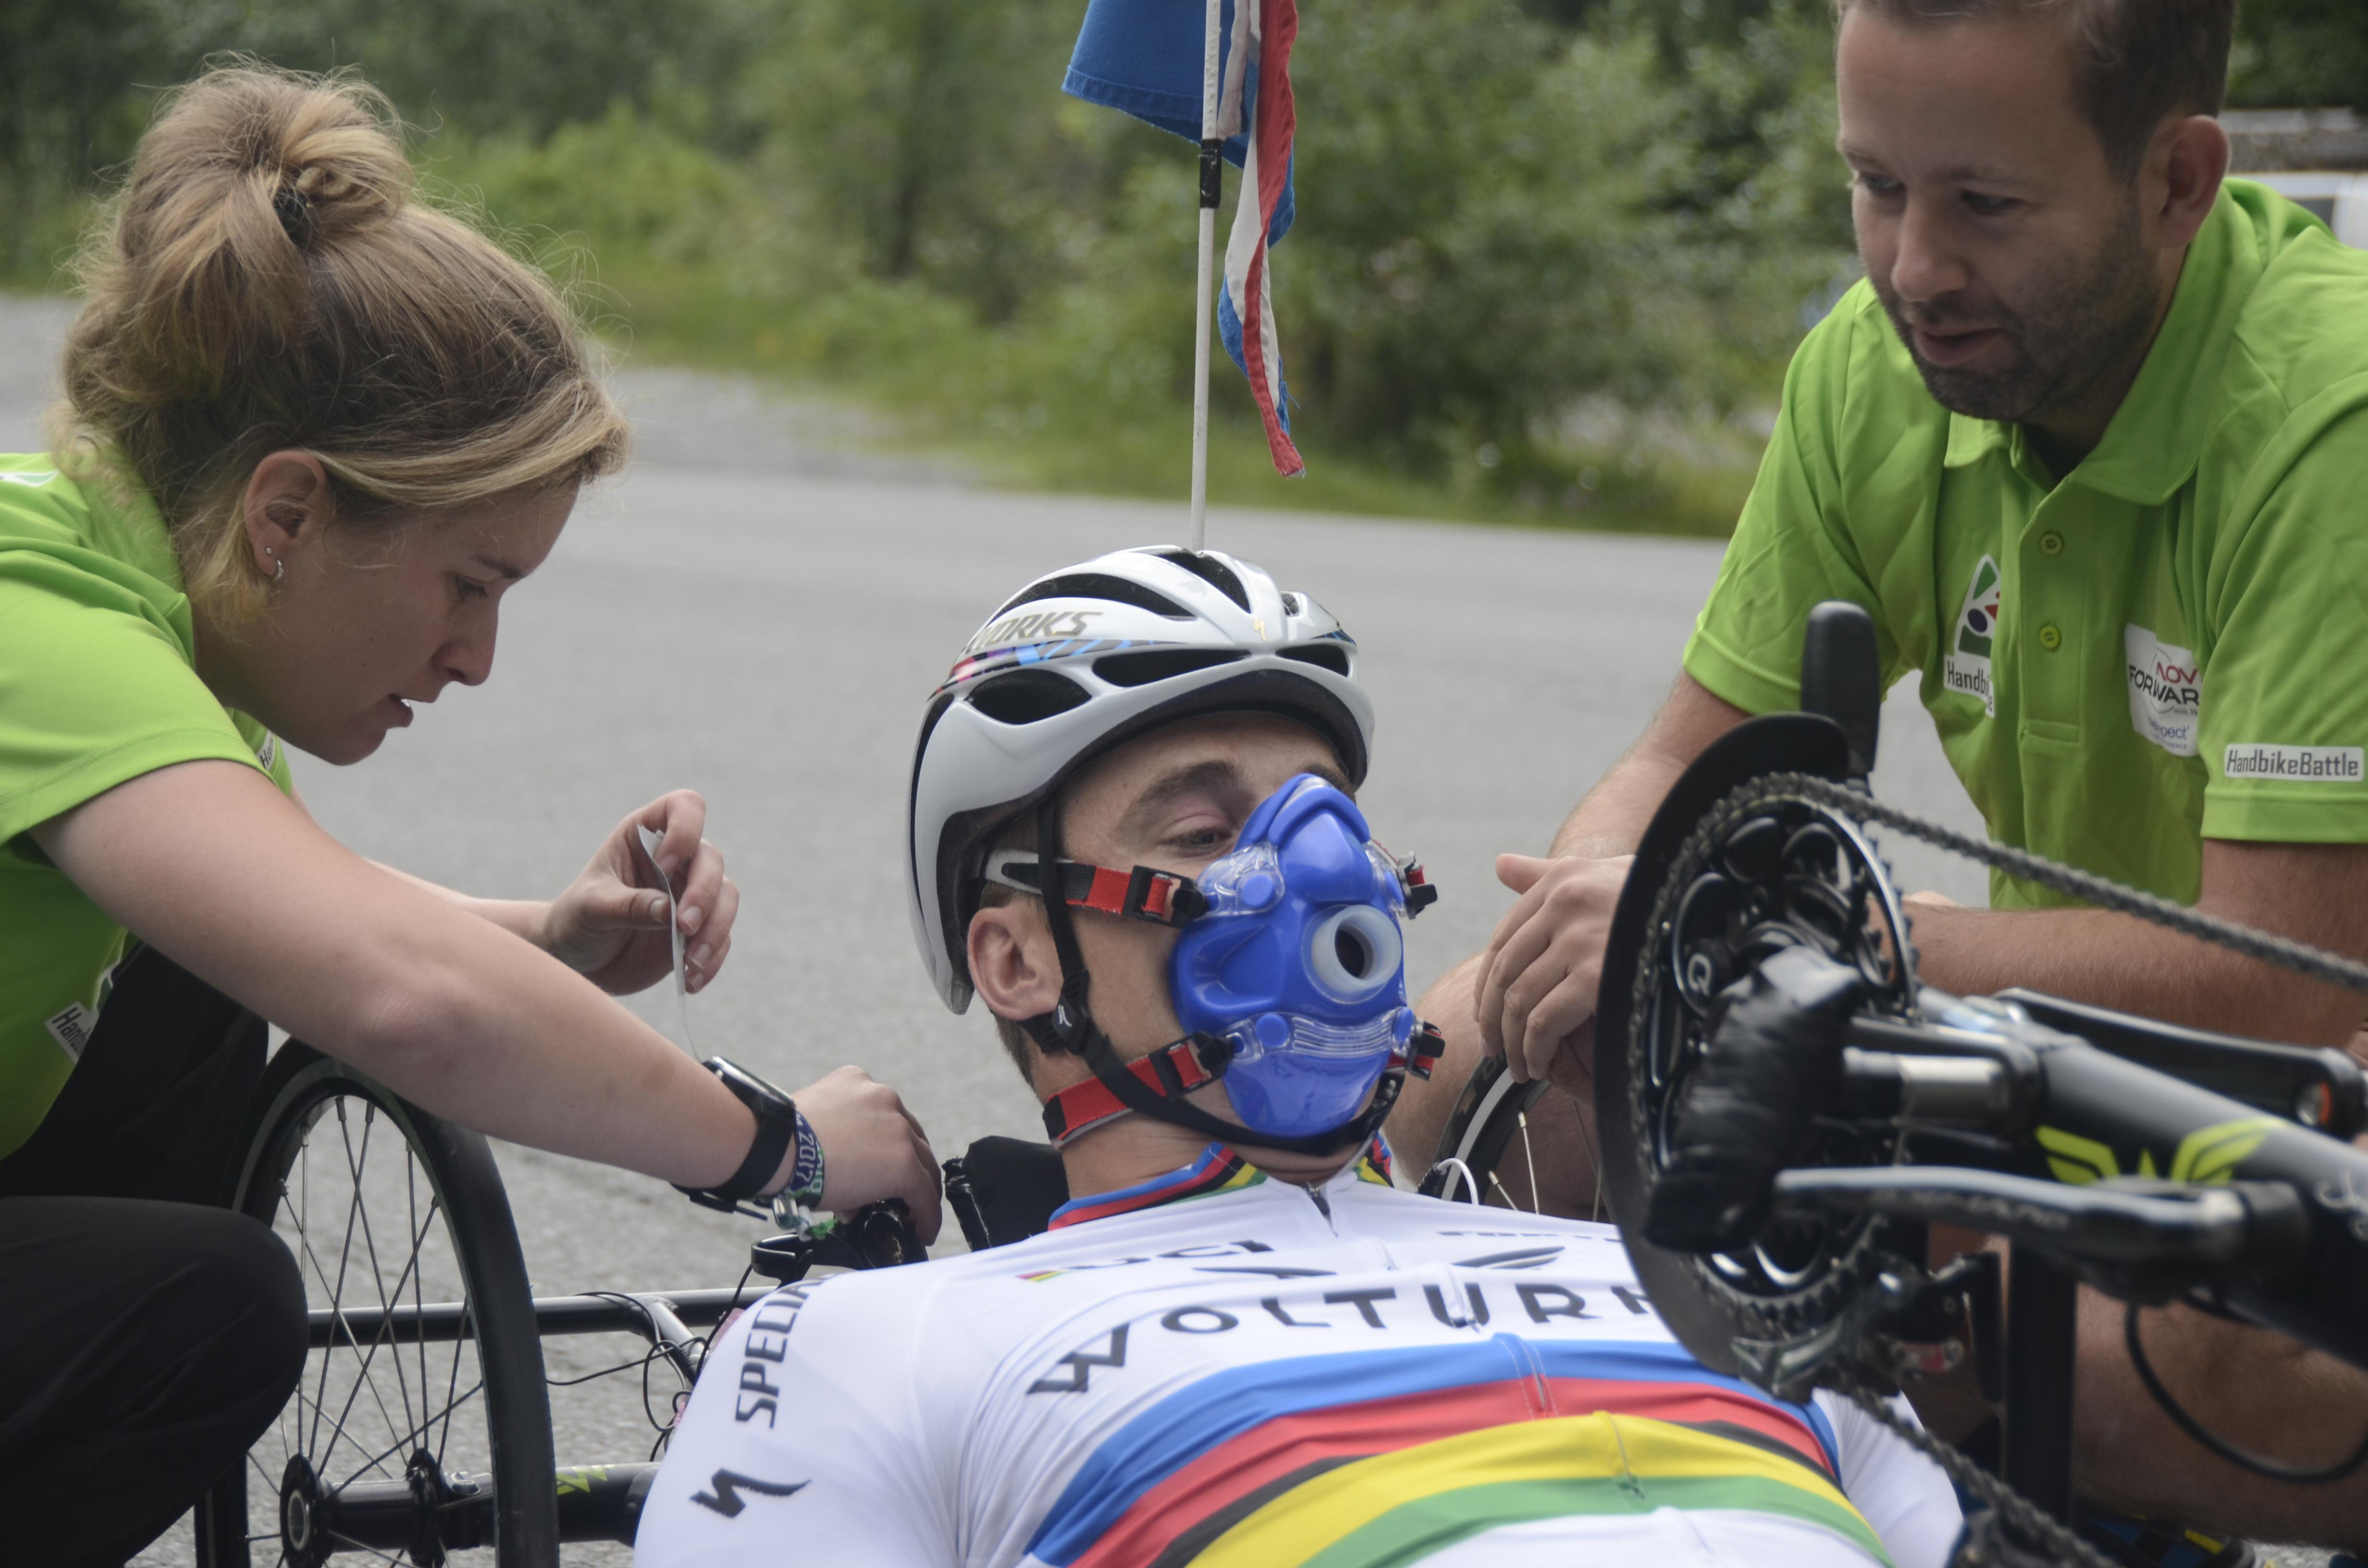 Alpe d'HuZes voor rolstoelers: Fitter, gezonder en gelukkiger door deelname aan Handbike Battle